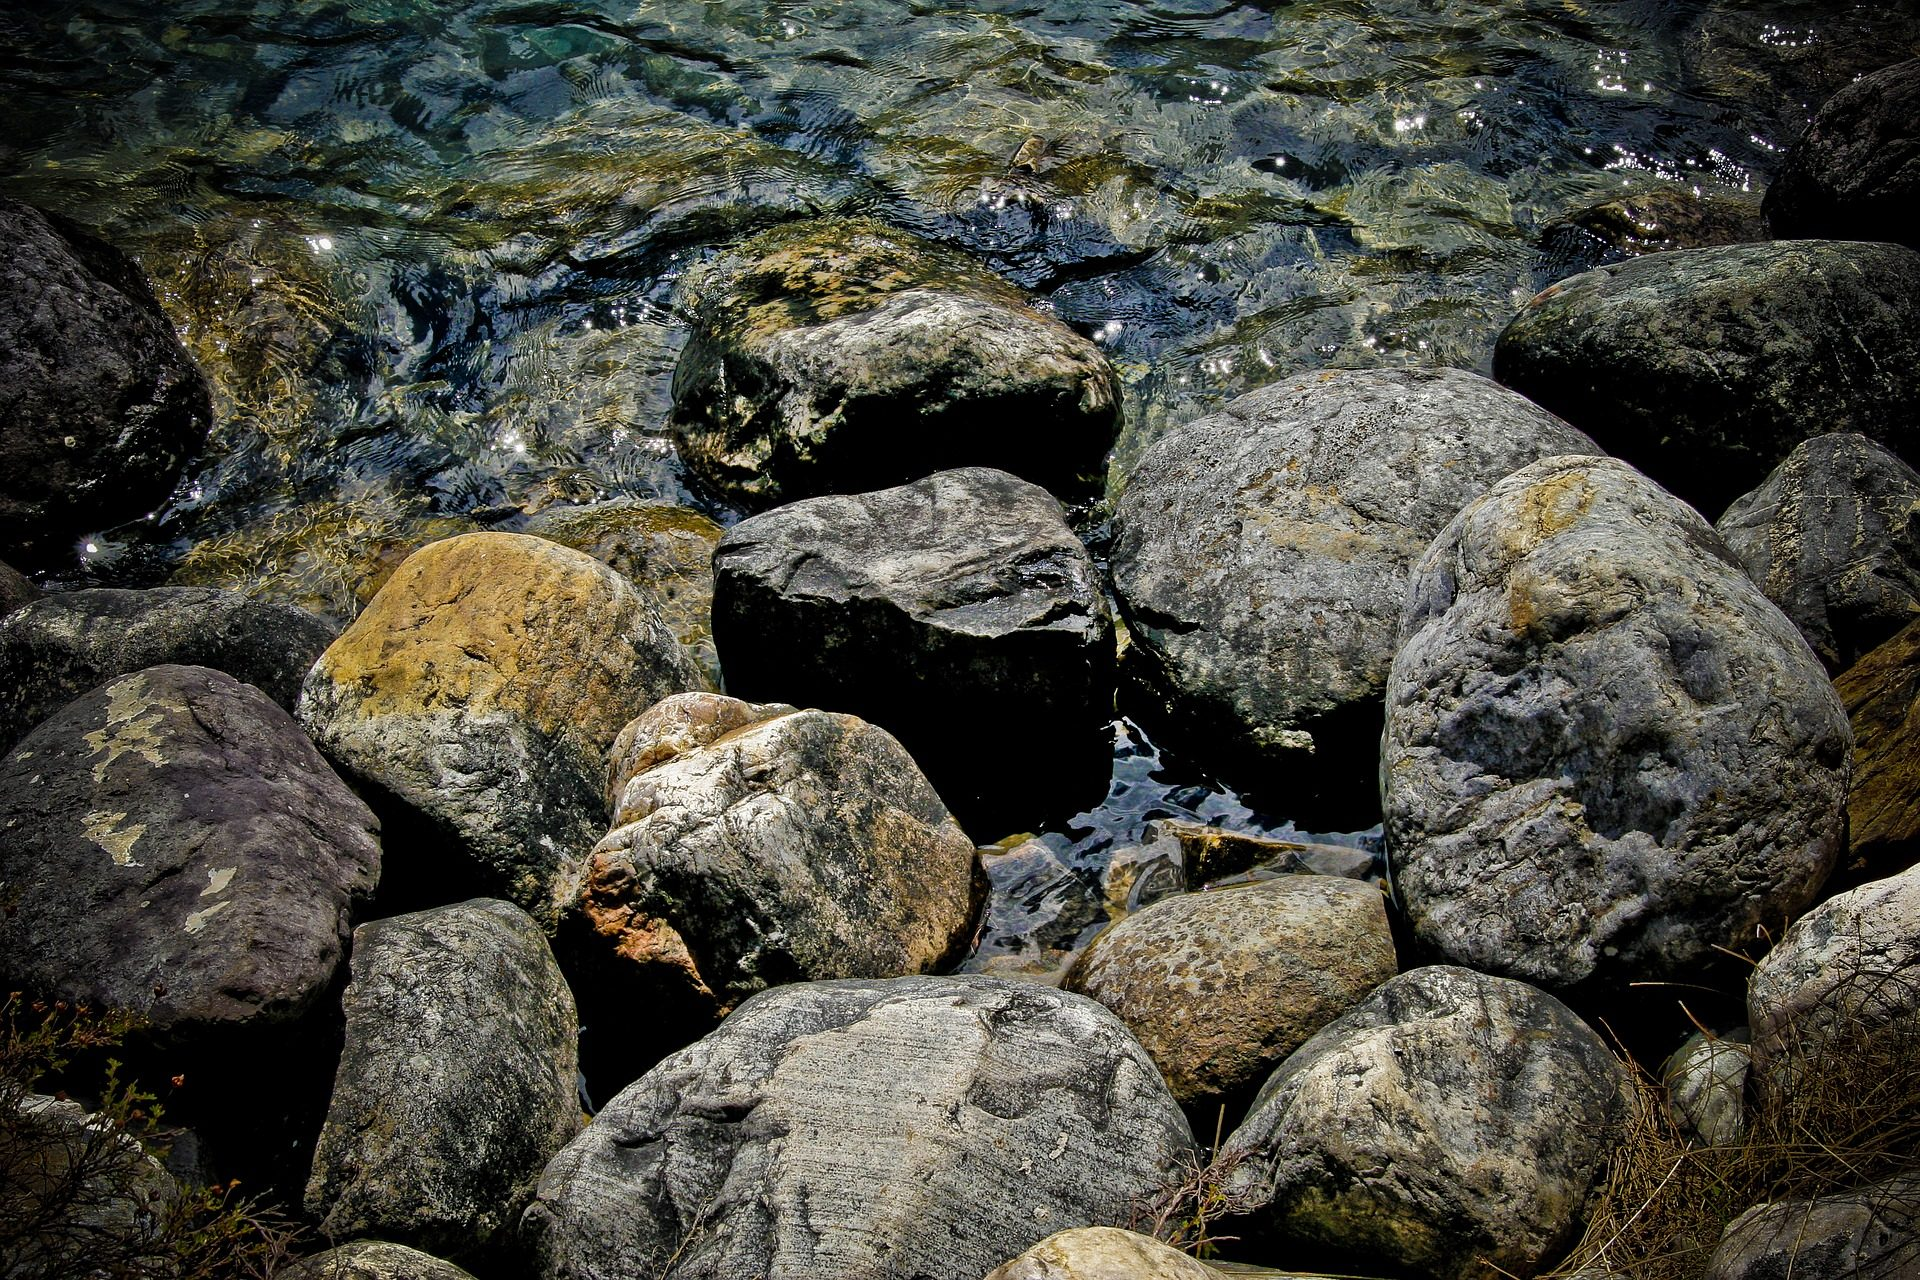 piedras, rocas, río, corriente, agua, manantial - Fondos de Pantalla HD - professor-falken.com